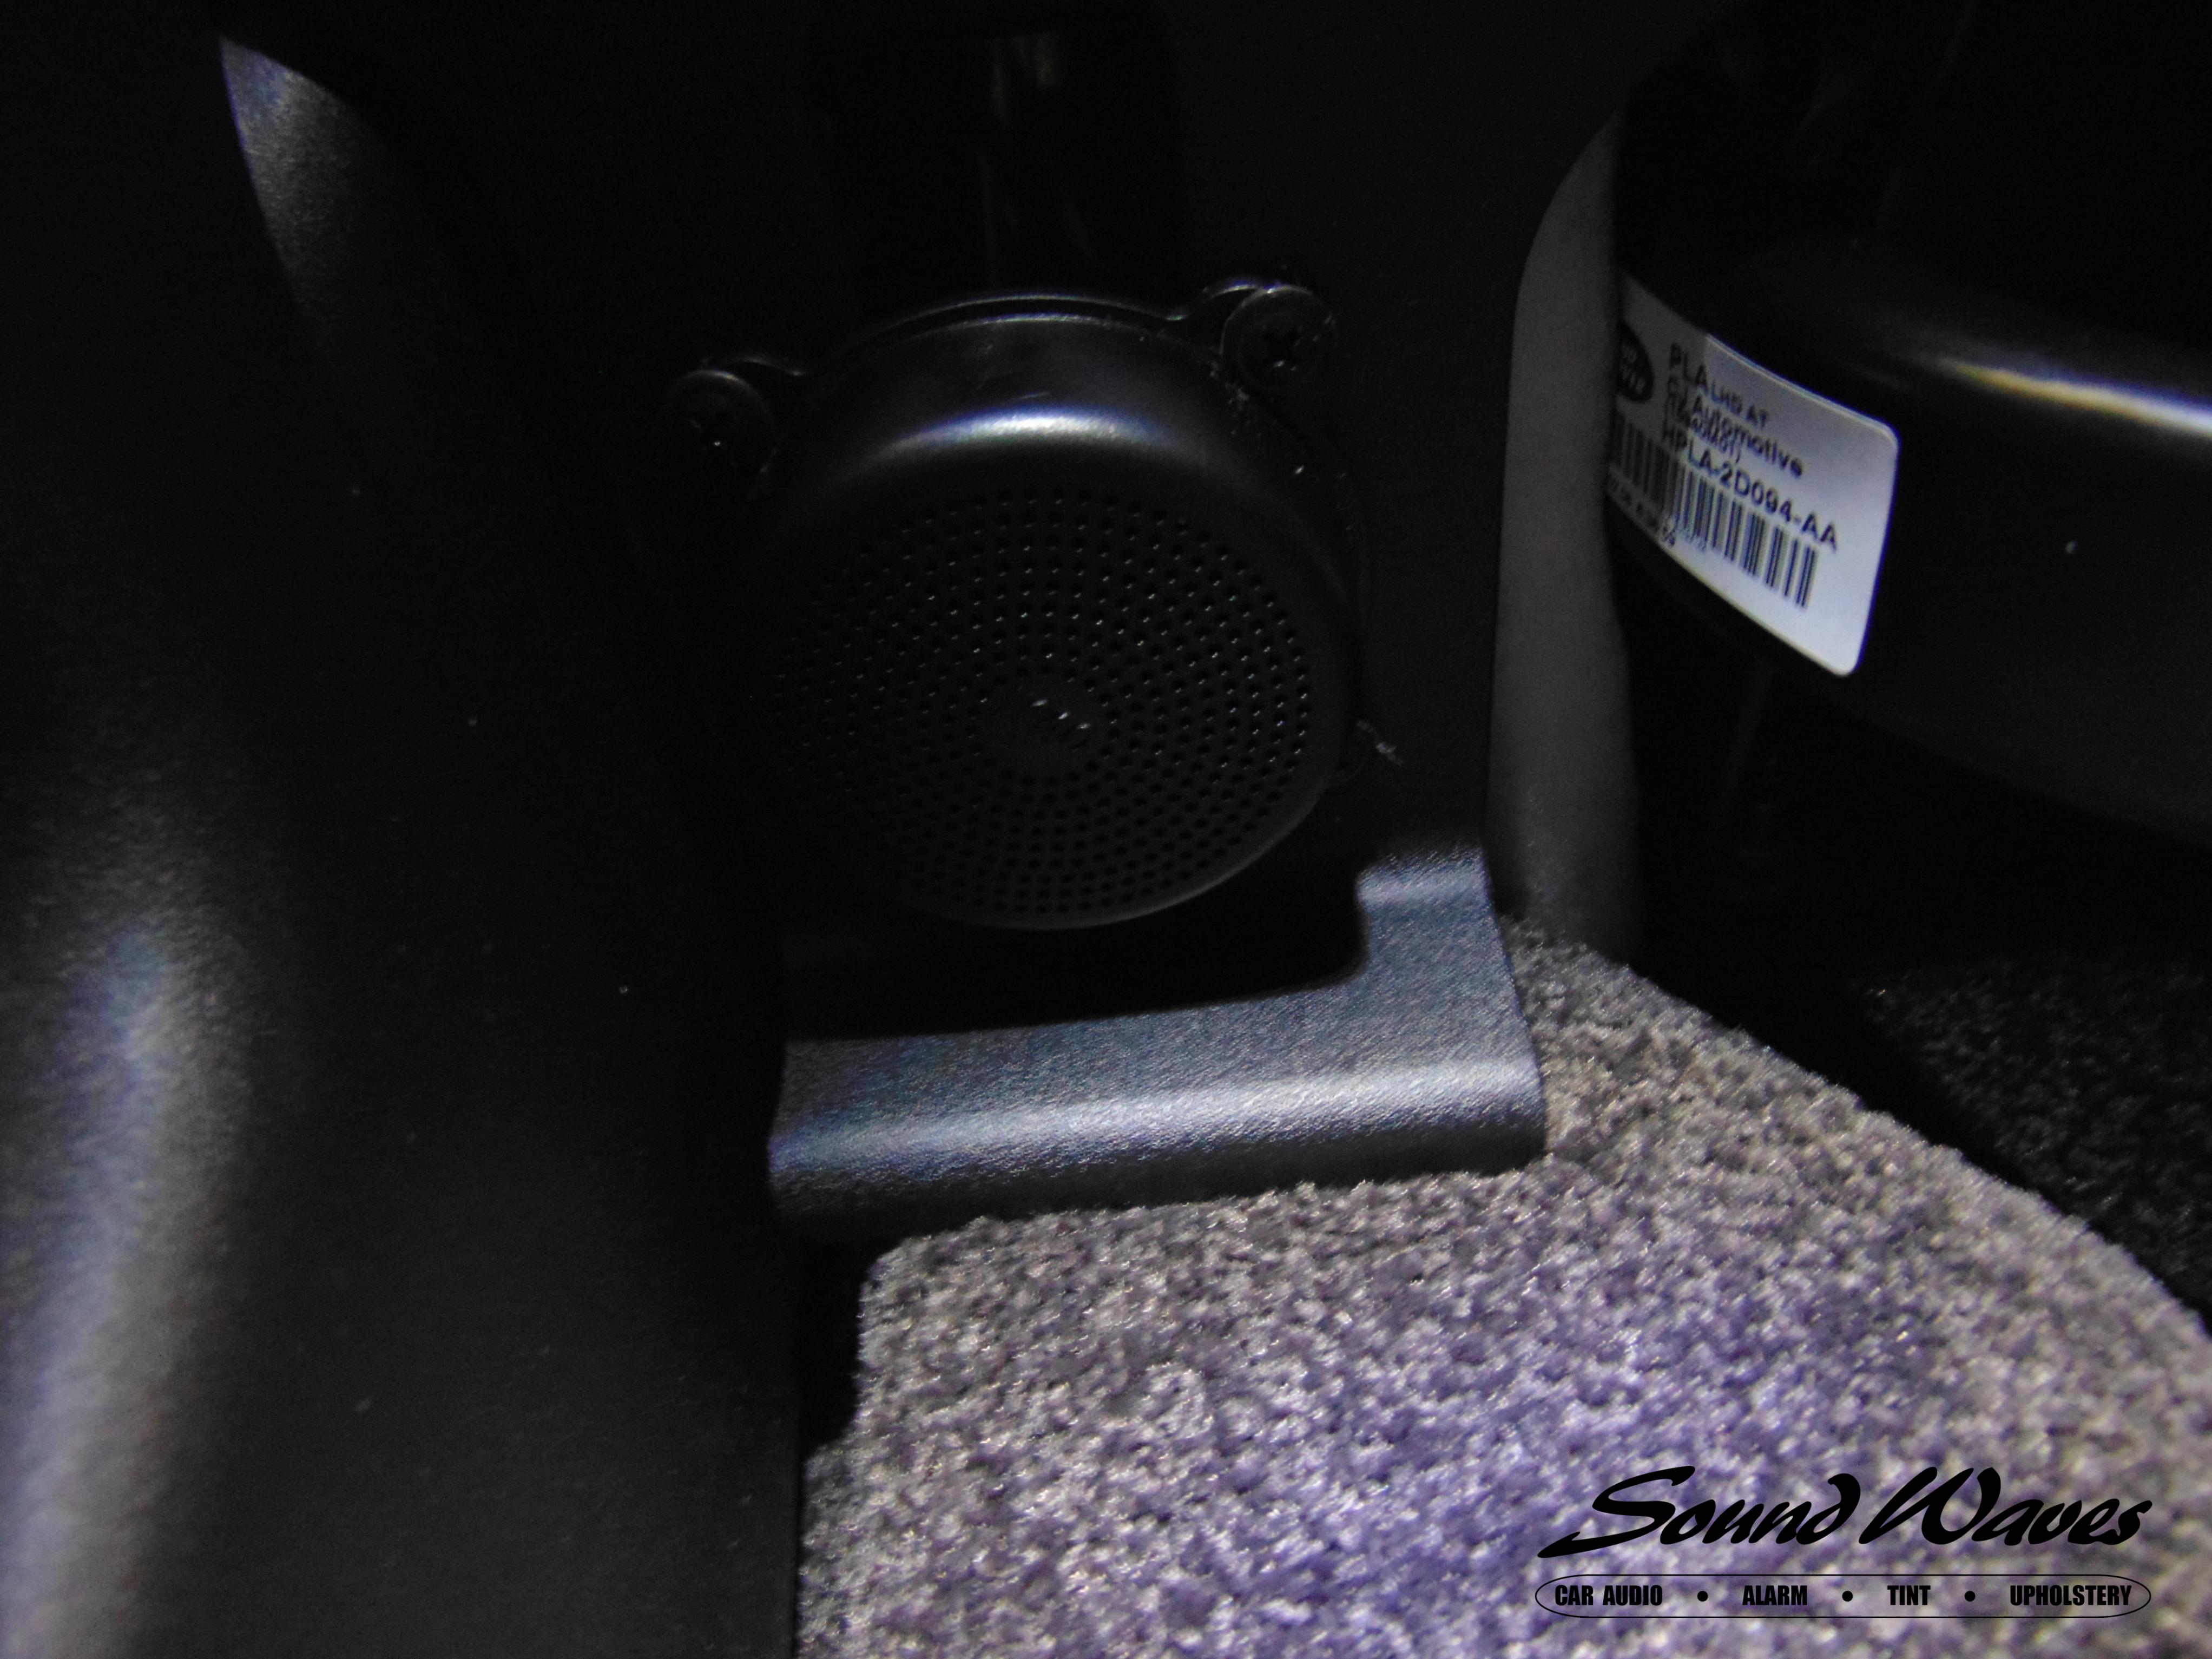 Range Rover Speaker Mounted